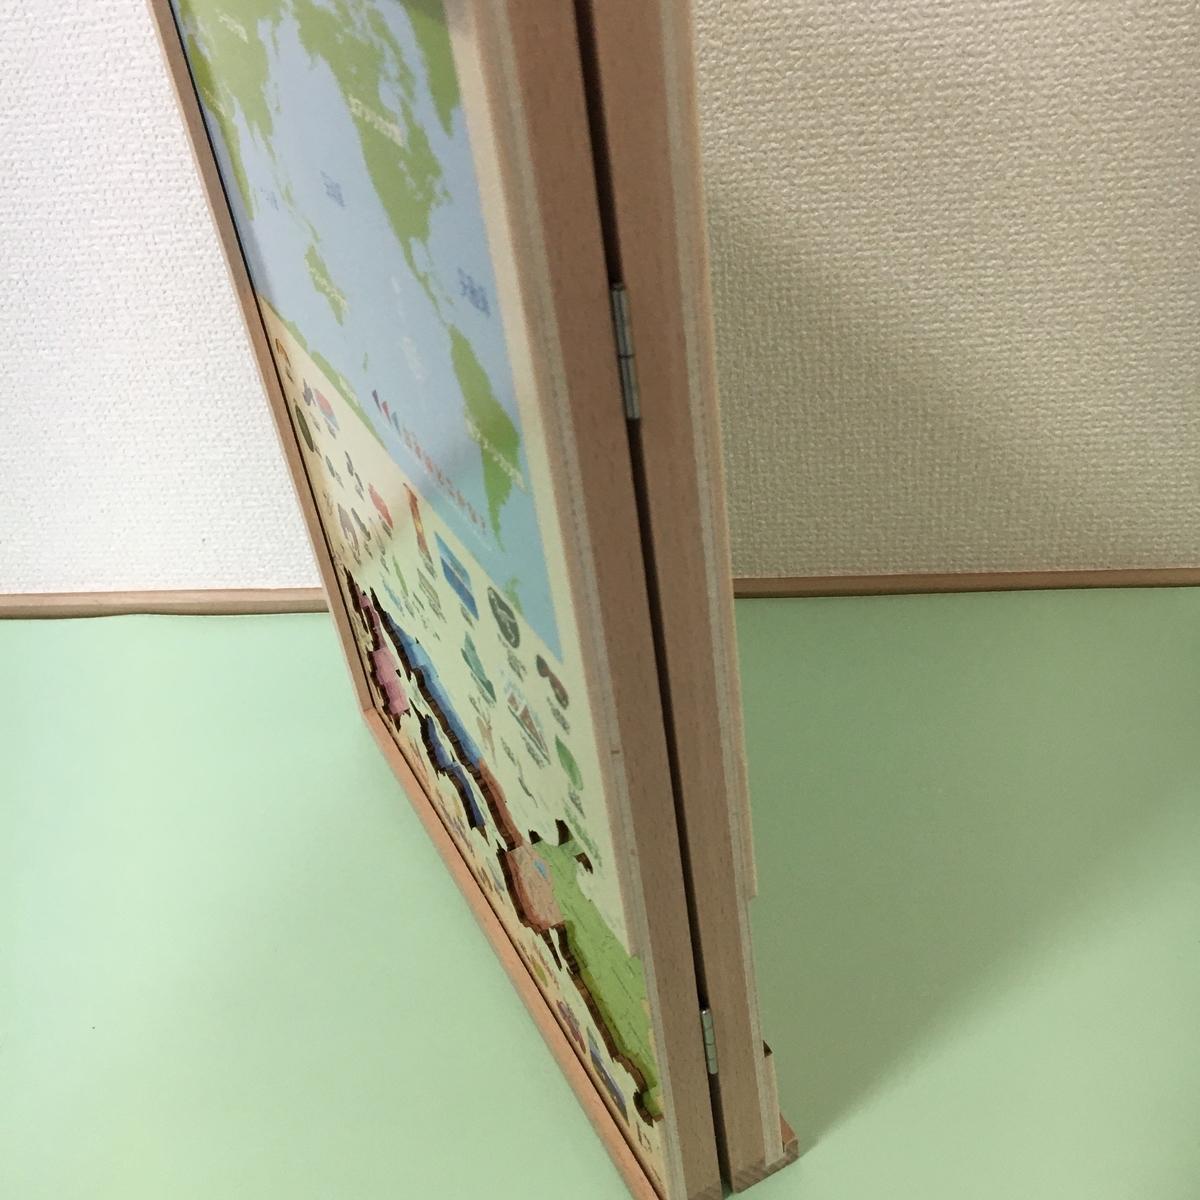 知育玩具のプレゼントに本当におすすめしたい日本地図パズル